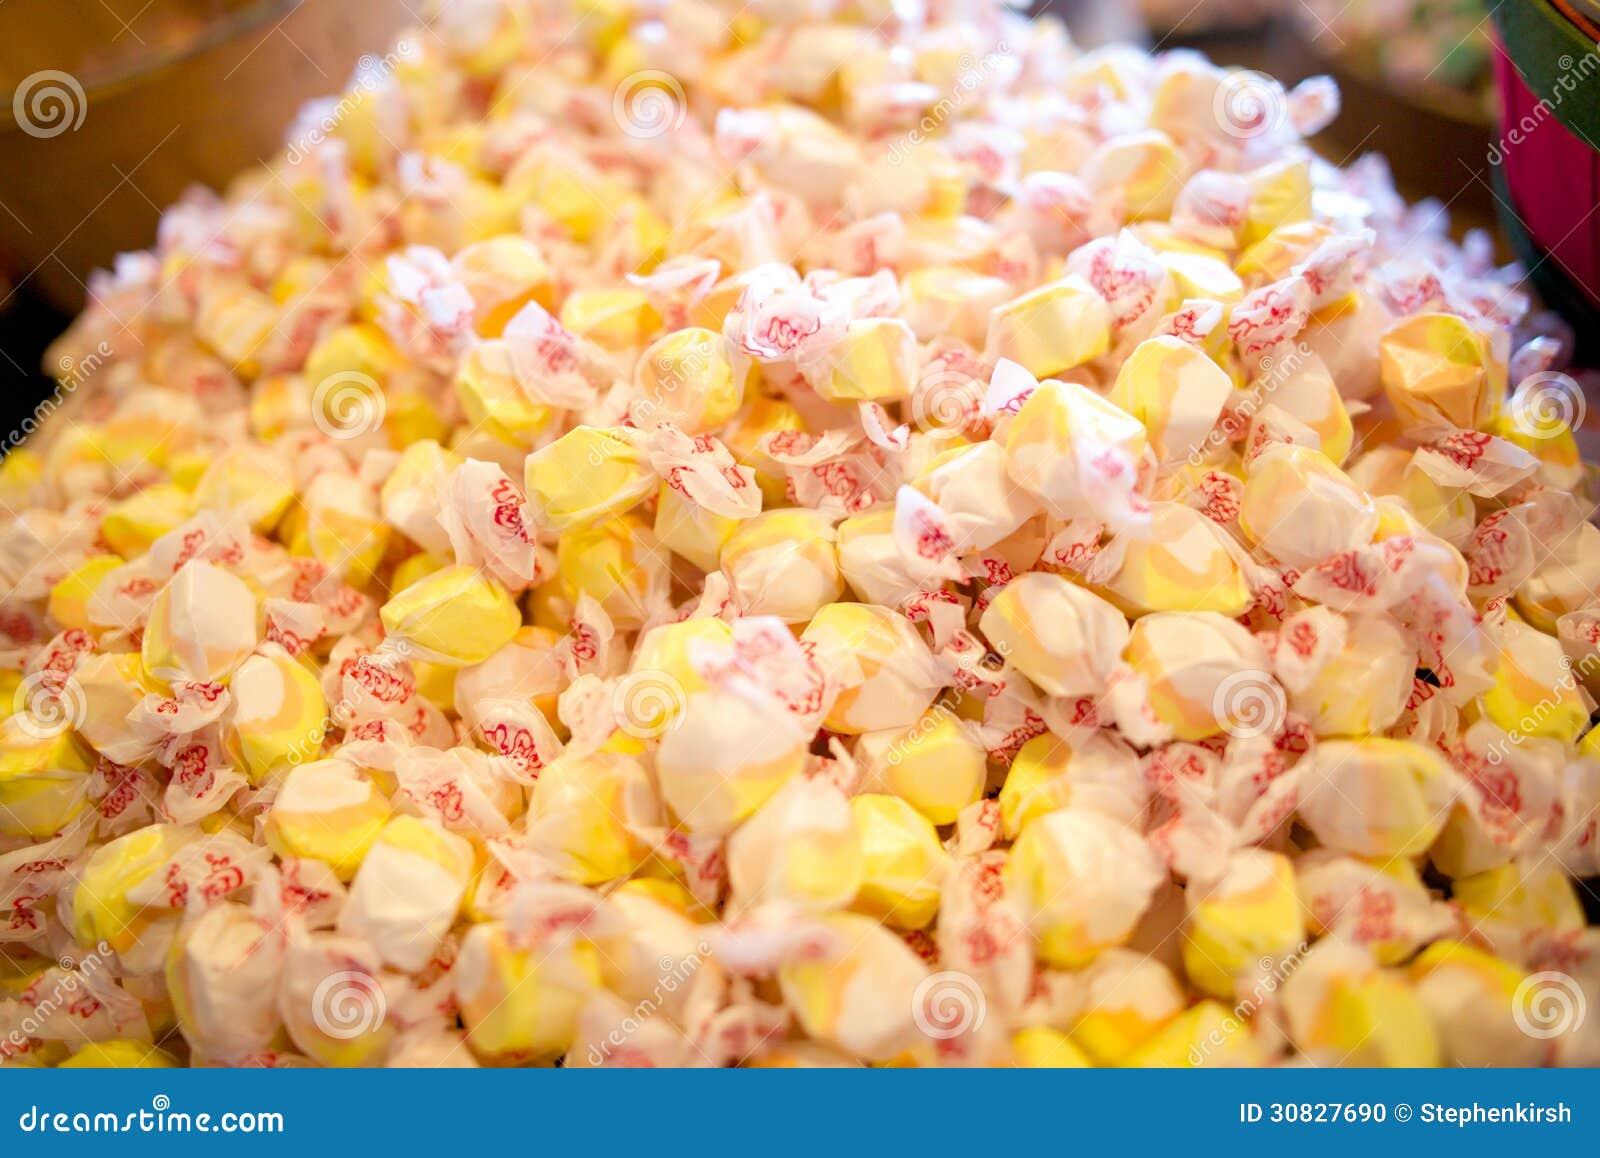 Mucchio della caramella gialla del taffy dell acqua salata, colori